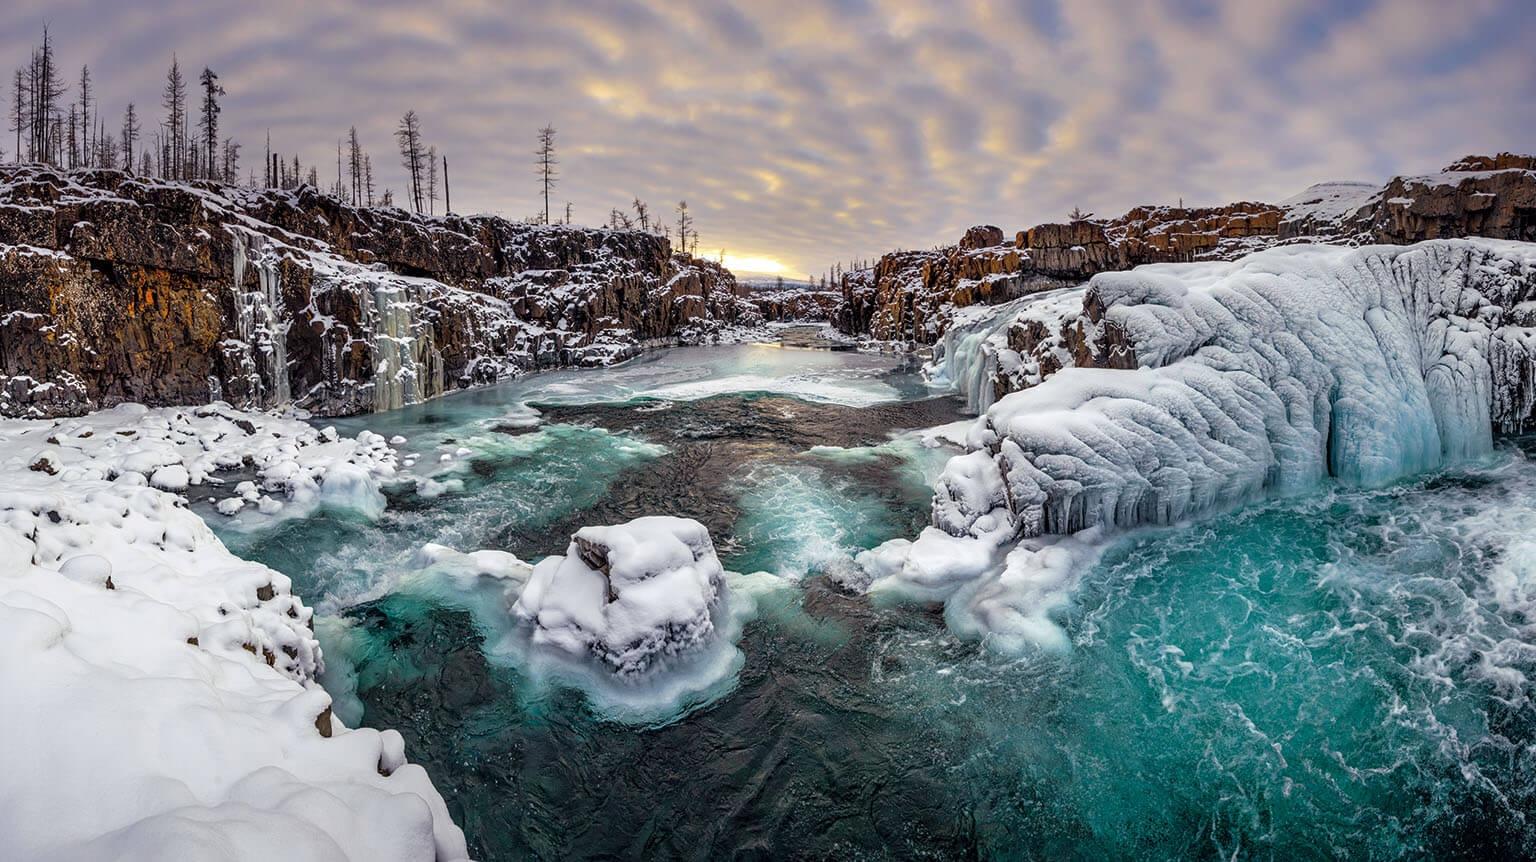 在西伯利亞北極地區,普托藍斯基札波維尼的杜利斯馬河開始結冰。這處沒有道路的保護區從極北林區向北延伸至冰漠,每年只有幾百名遊客造訪。